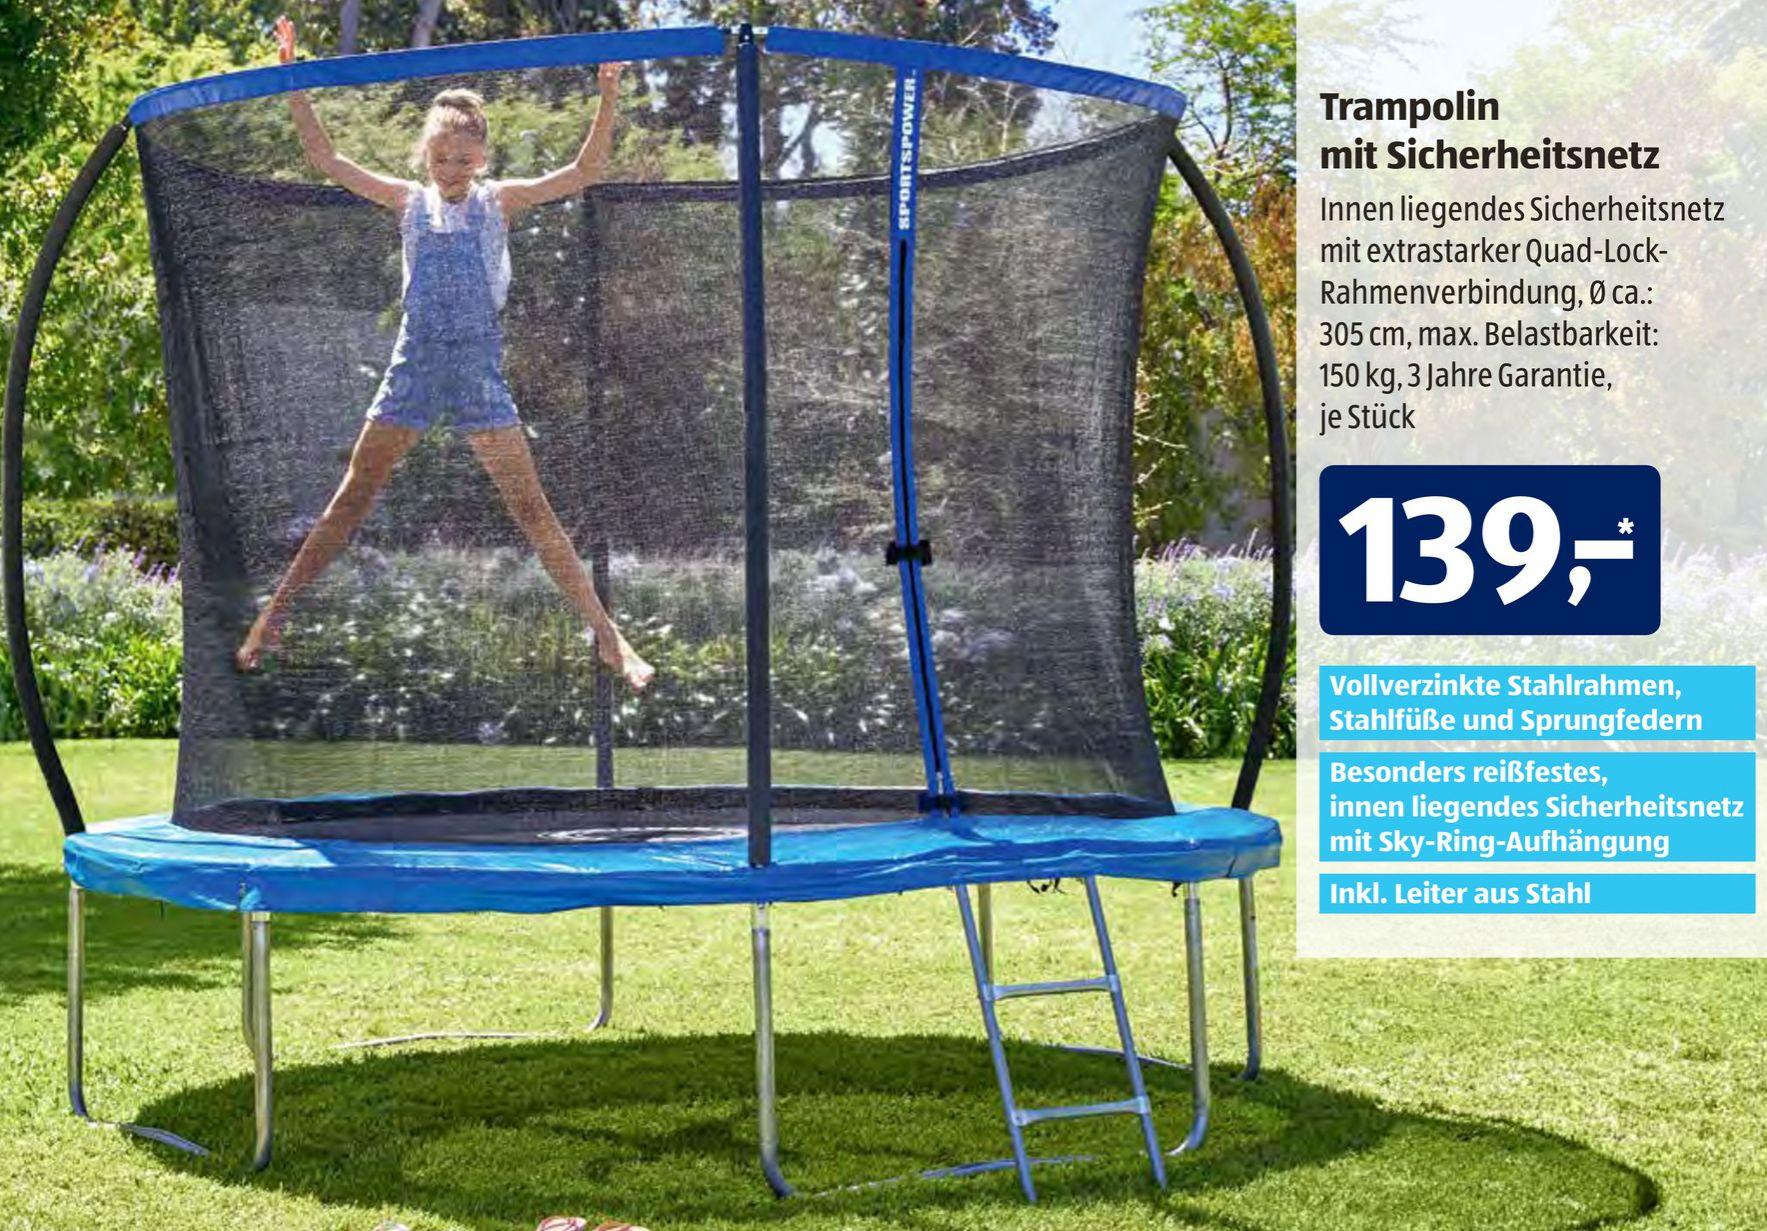 Sportspower Trampolin mit Sicherheitsnetz inkl. Leiter, max. 150 kg; Ø ~305, 3J Garantie [Filiale]